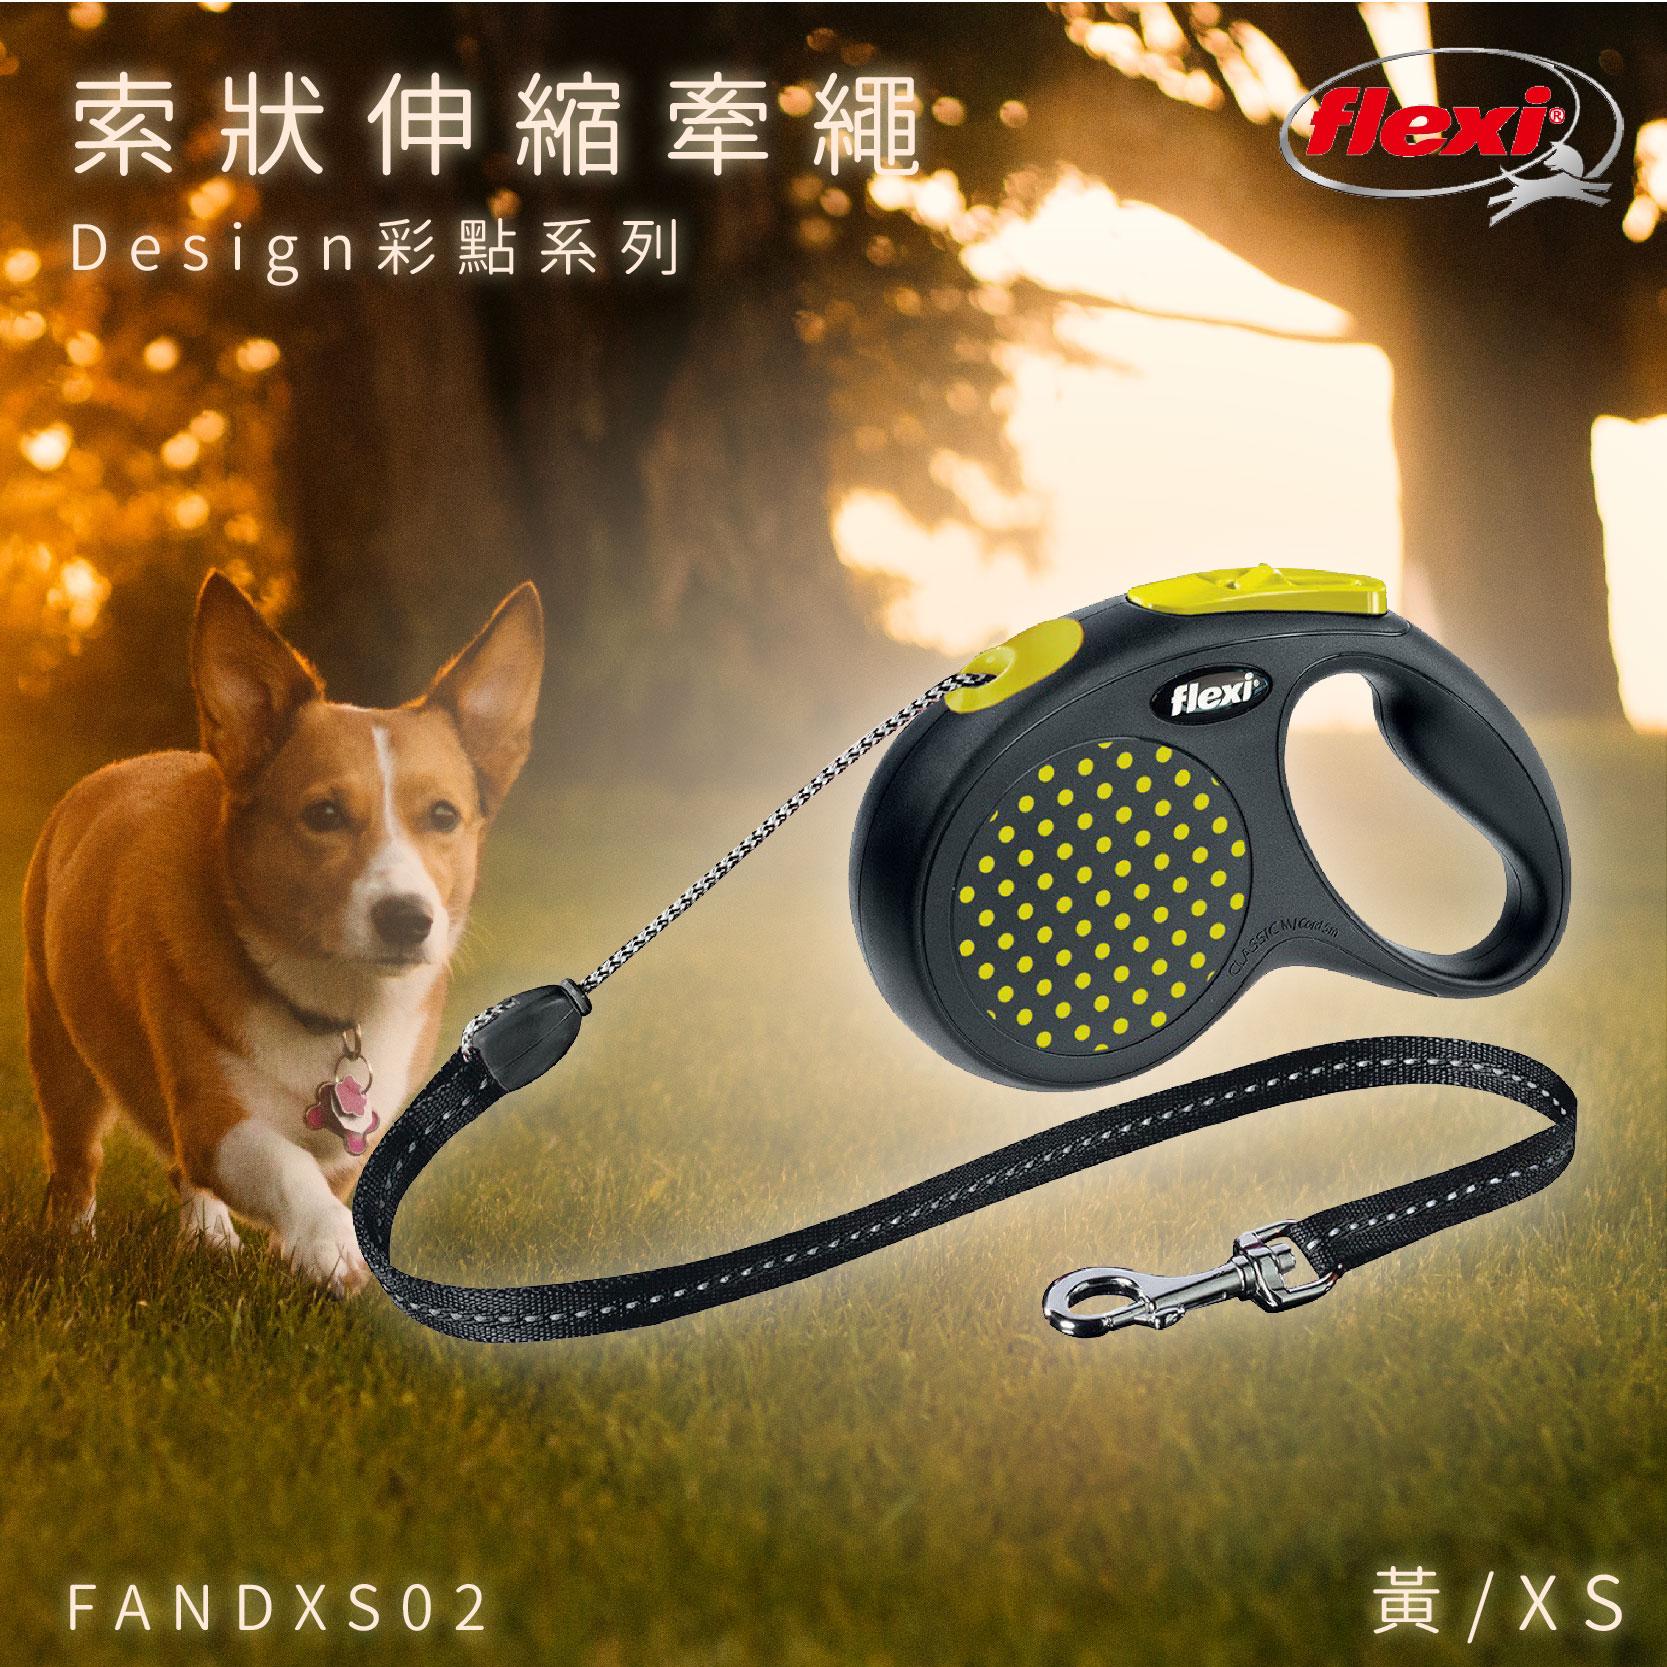 Flexi 索狀寵物牽繩 黃XS FANDXS02 彩點系列 舒適握把 狗貓 外出用品 寵物用品 寵物牽繩 德國製